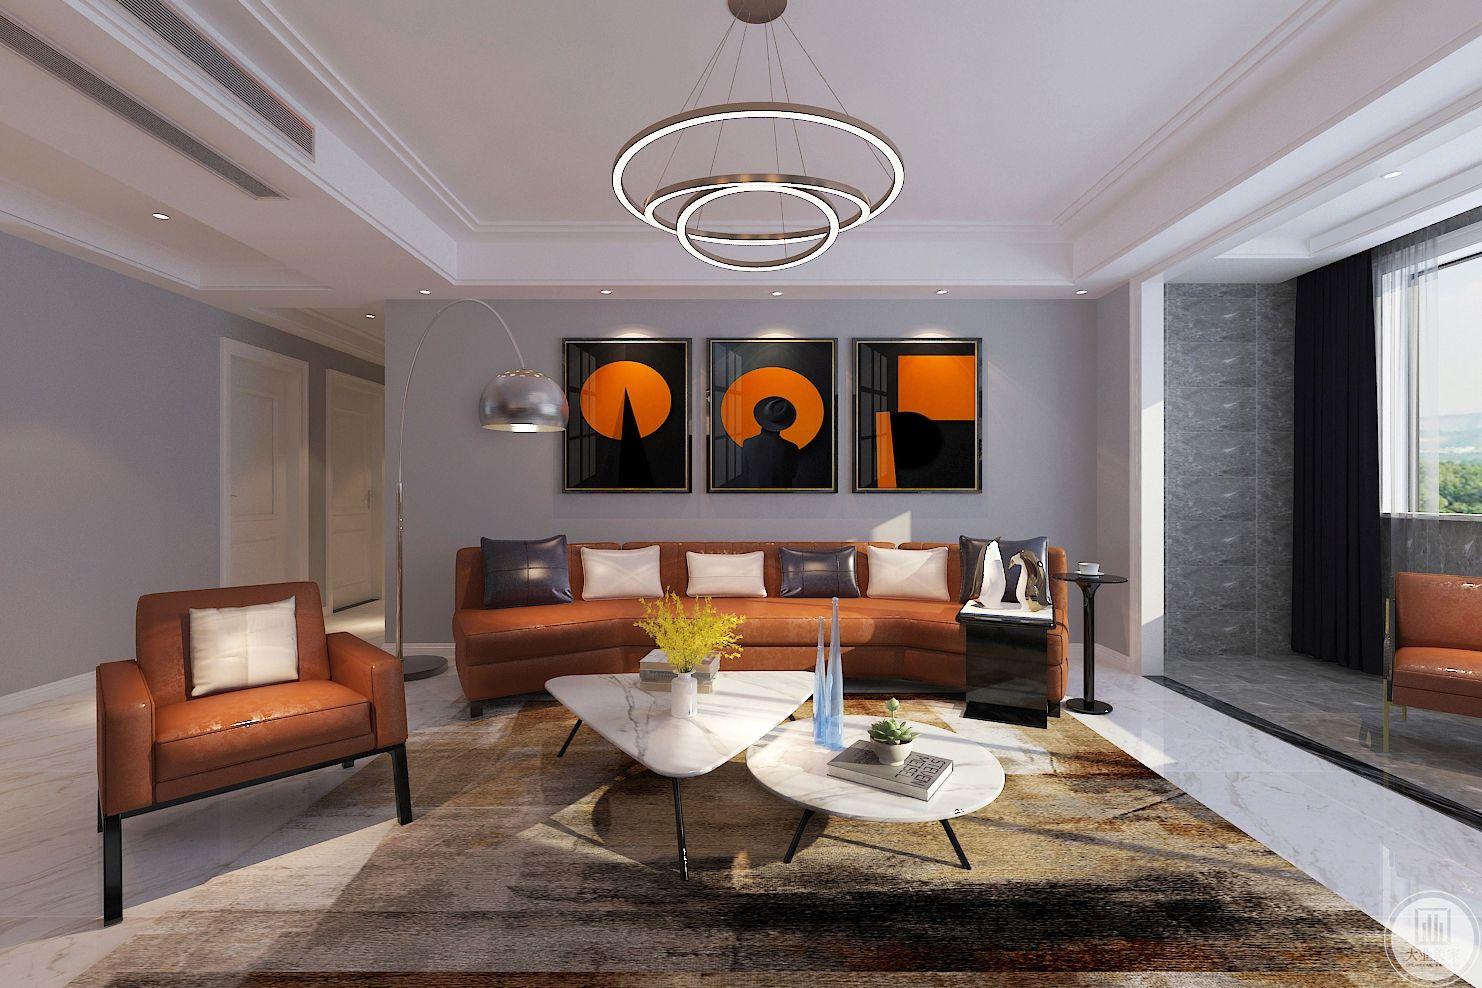 客厅装修效果图:在最平凡中享受的却是最不平凡,当真正理解的时候,也许才会体验真正的快乐,因为这是一种生活态度。